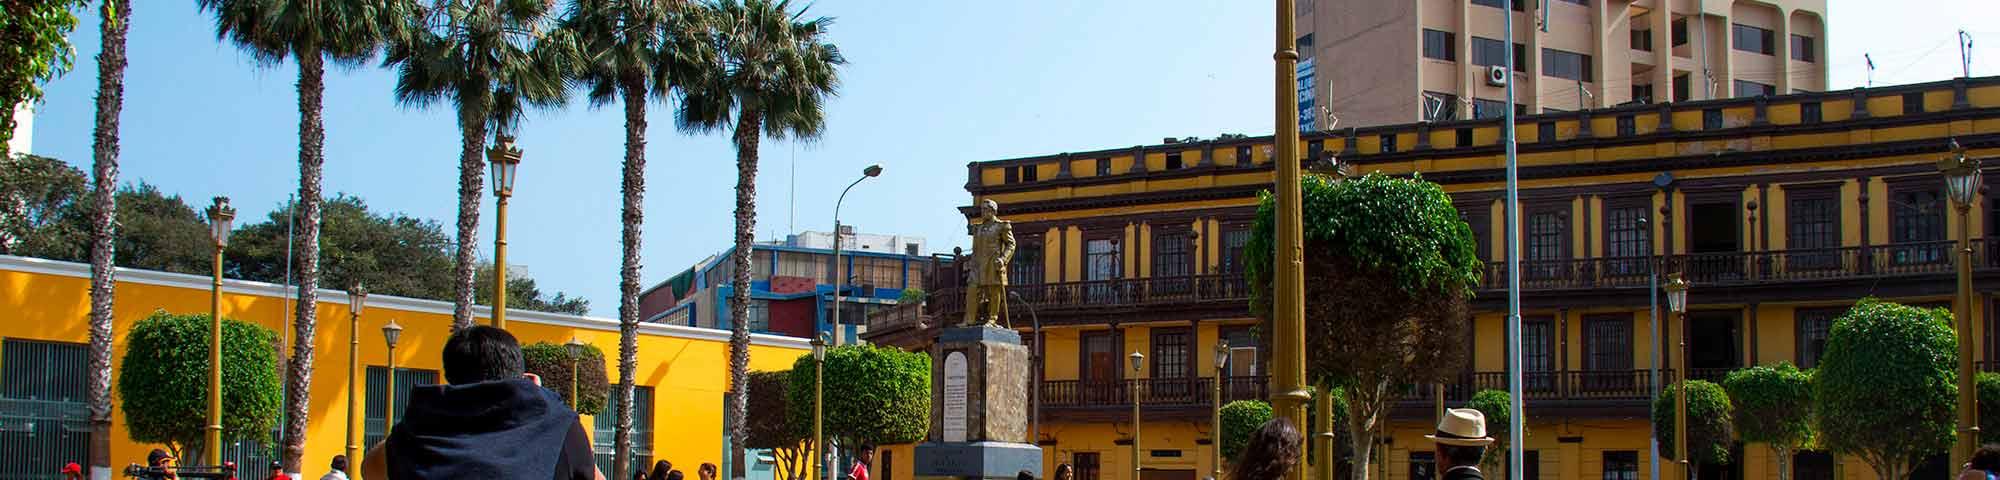 Plaza José Gálvez